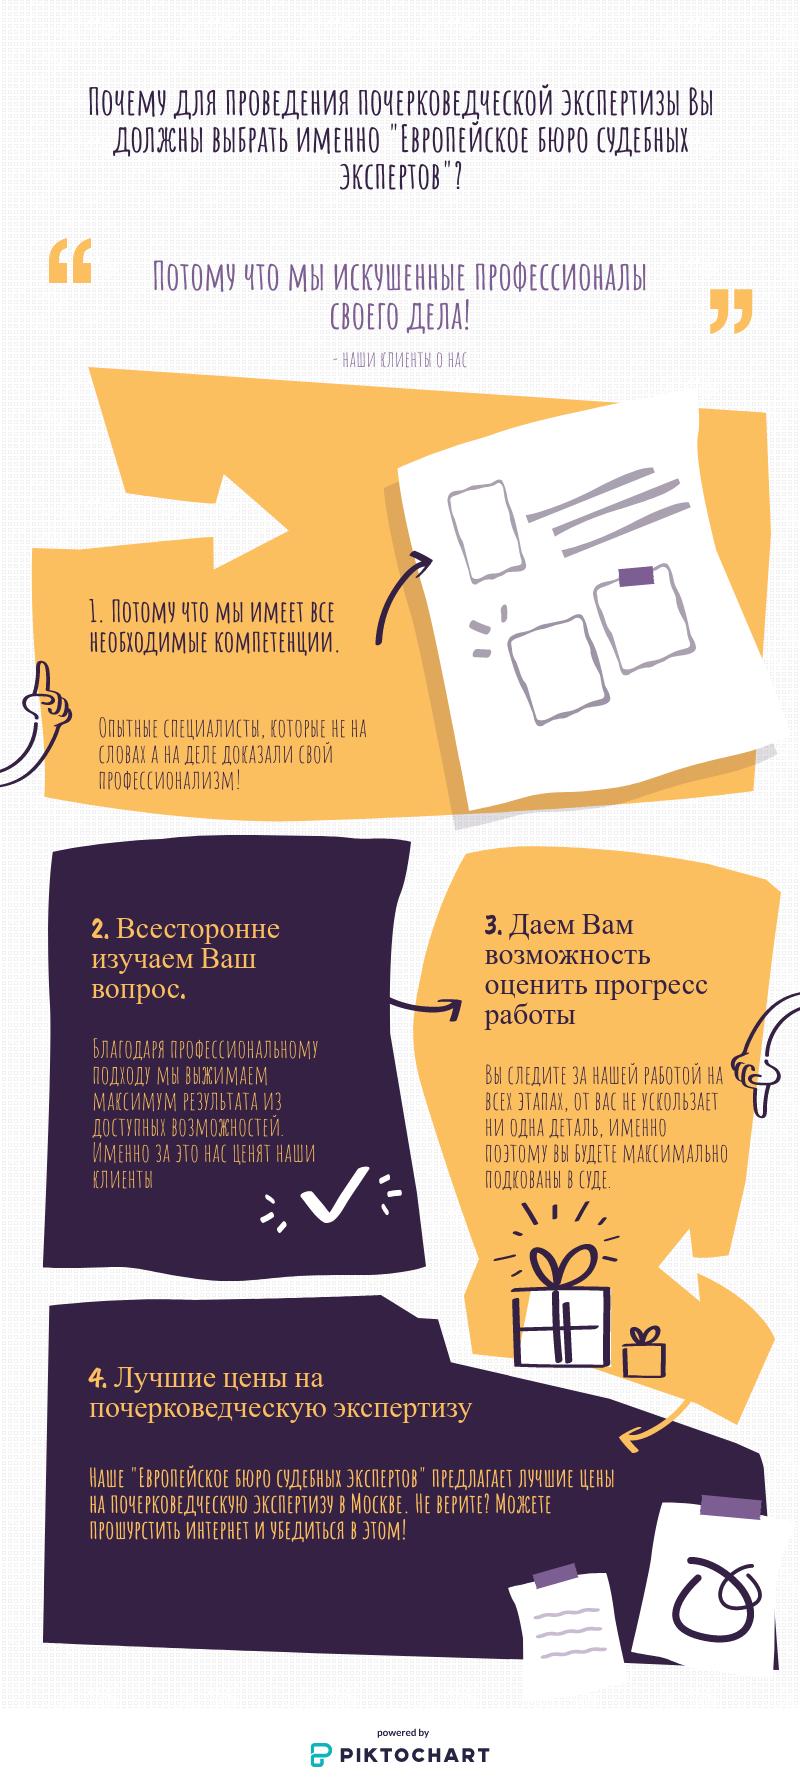 Недорогая экспертиза по почерку в Москве